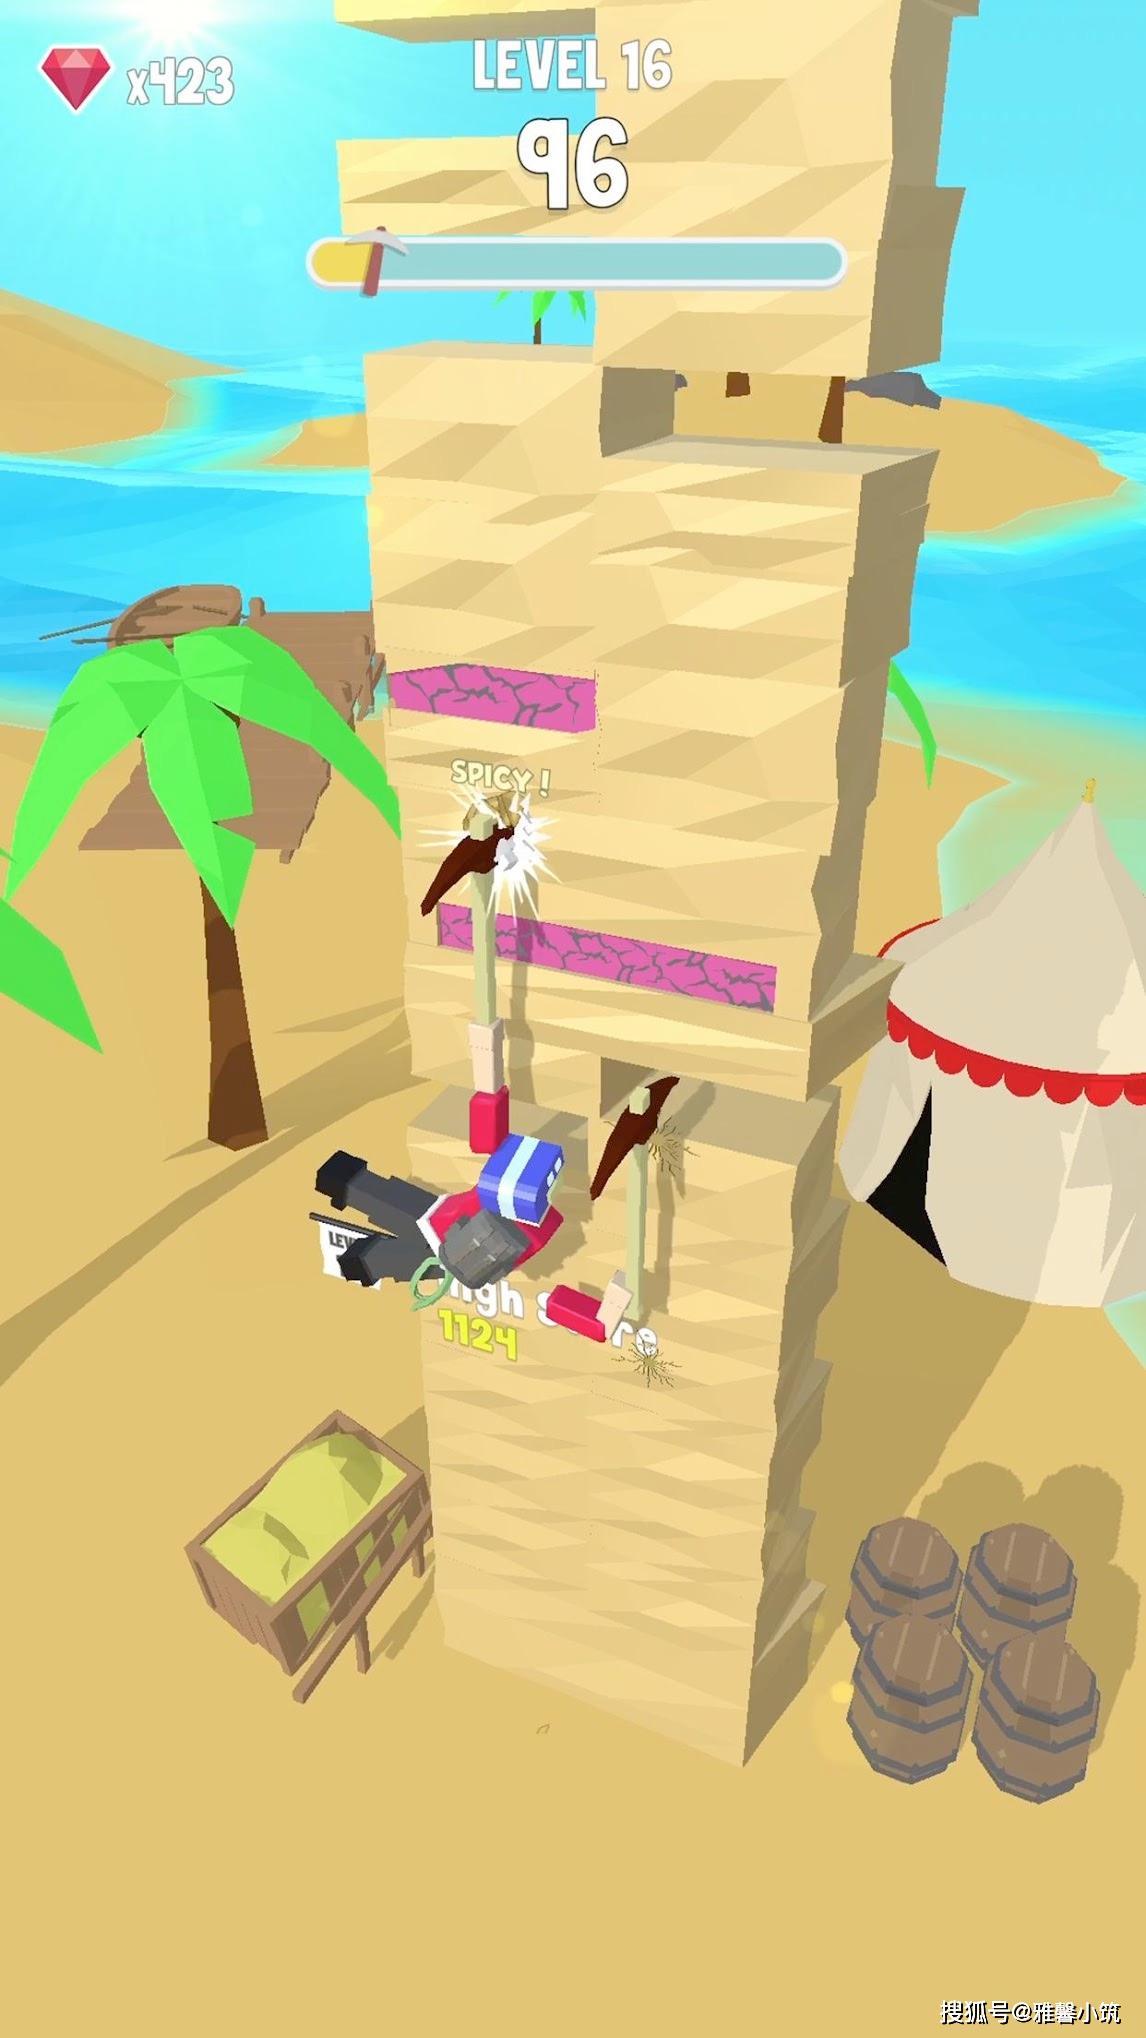 挑战极限体验攀岩《CrazyClimber!》带你环球享受攀登乐趣